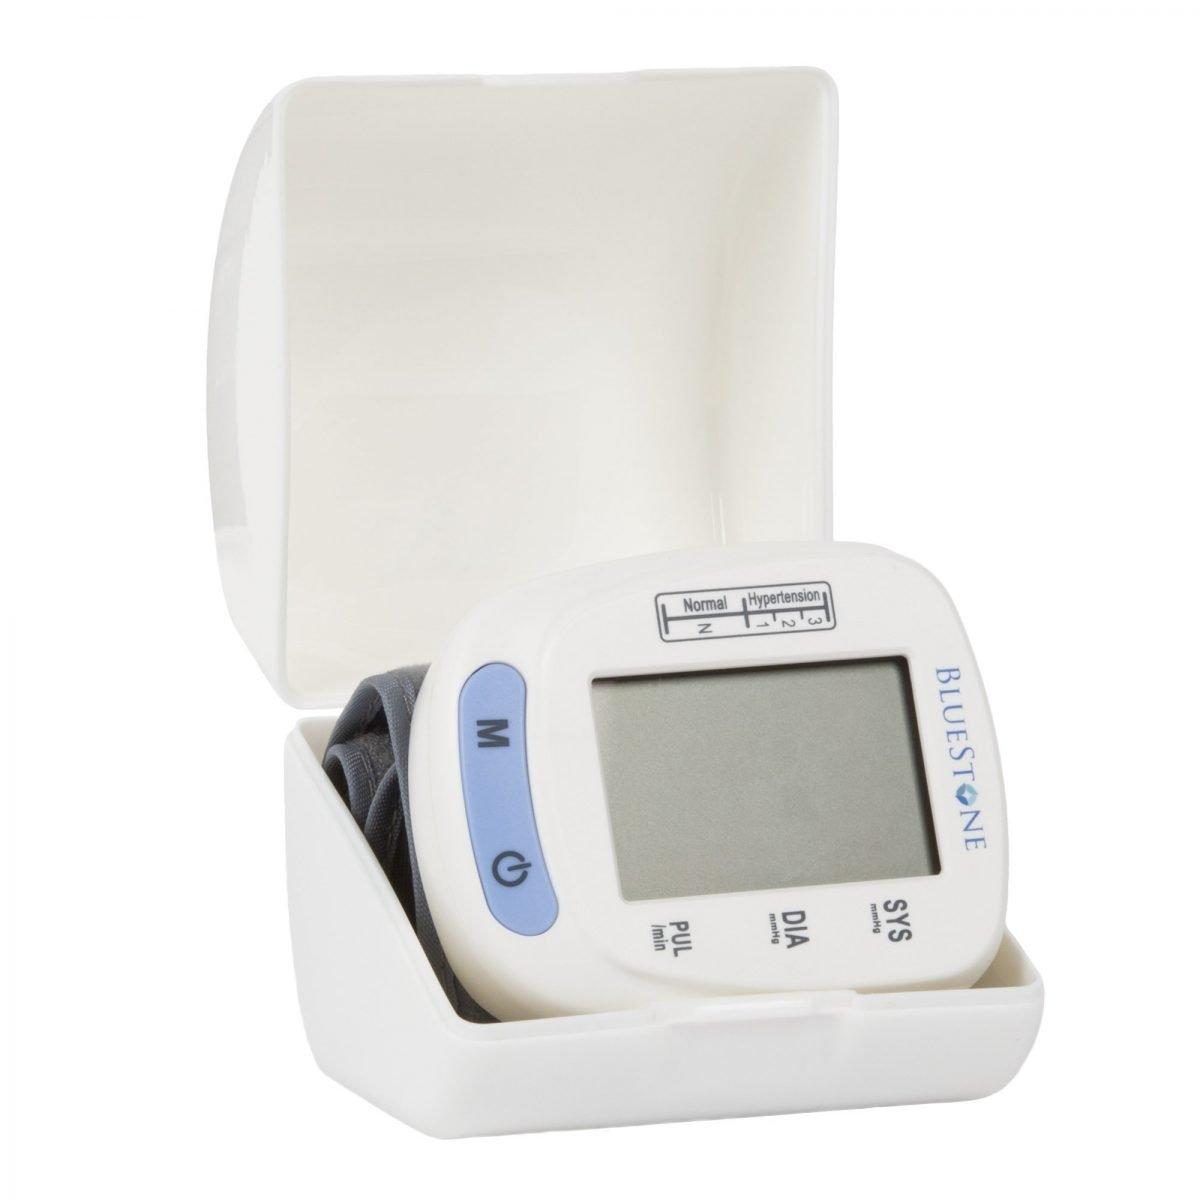 Monitor de presión arterial LCD Bluestone automático